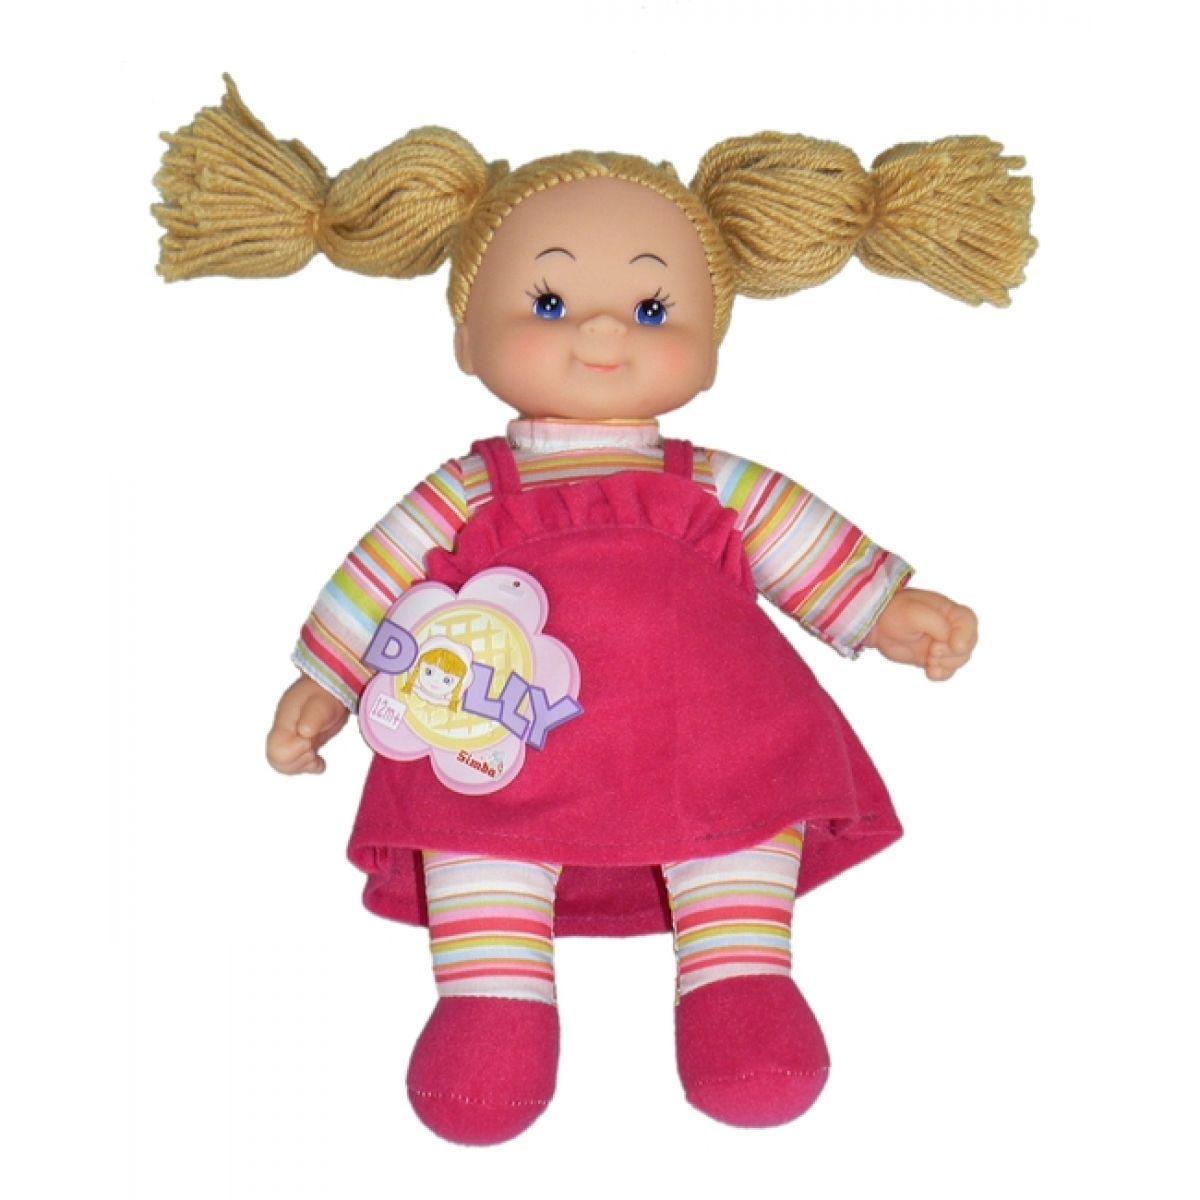 Simba Látková panenka Cheeky 38cm - Vlasy hnědé - nezapletené